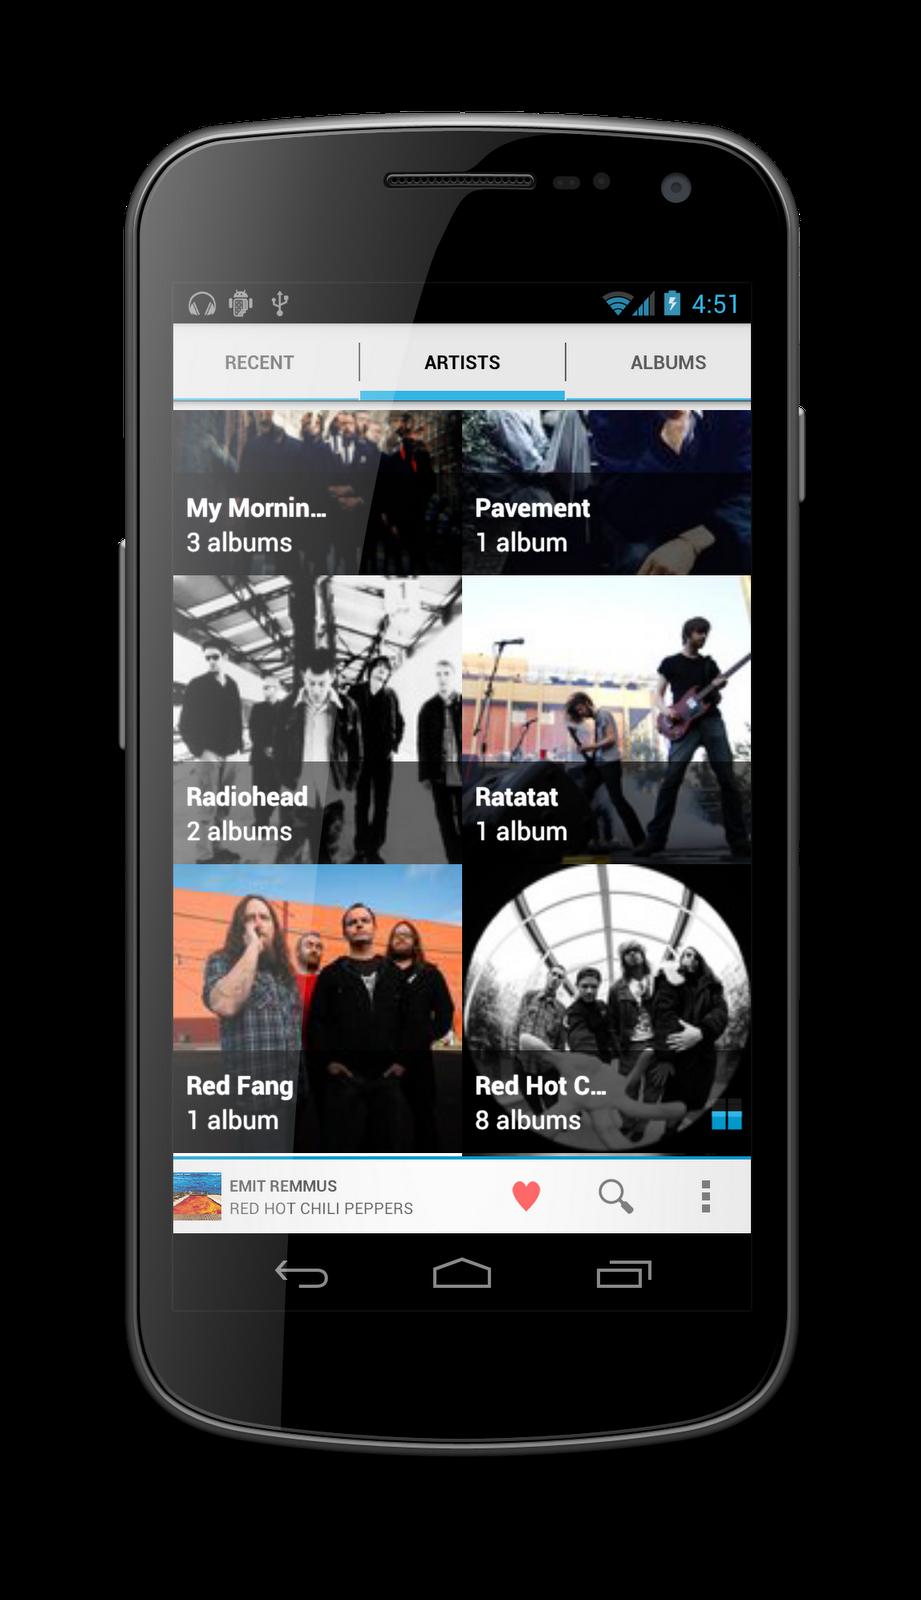 Apollo il lettore musicale ufficiale della CyanogenMod 9 è stato rilasciato [DOWNLOAD]